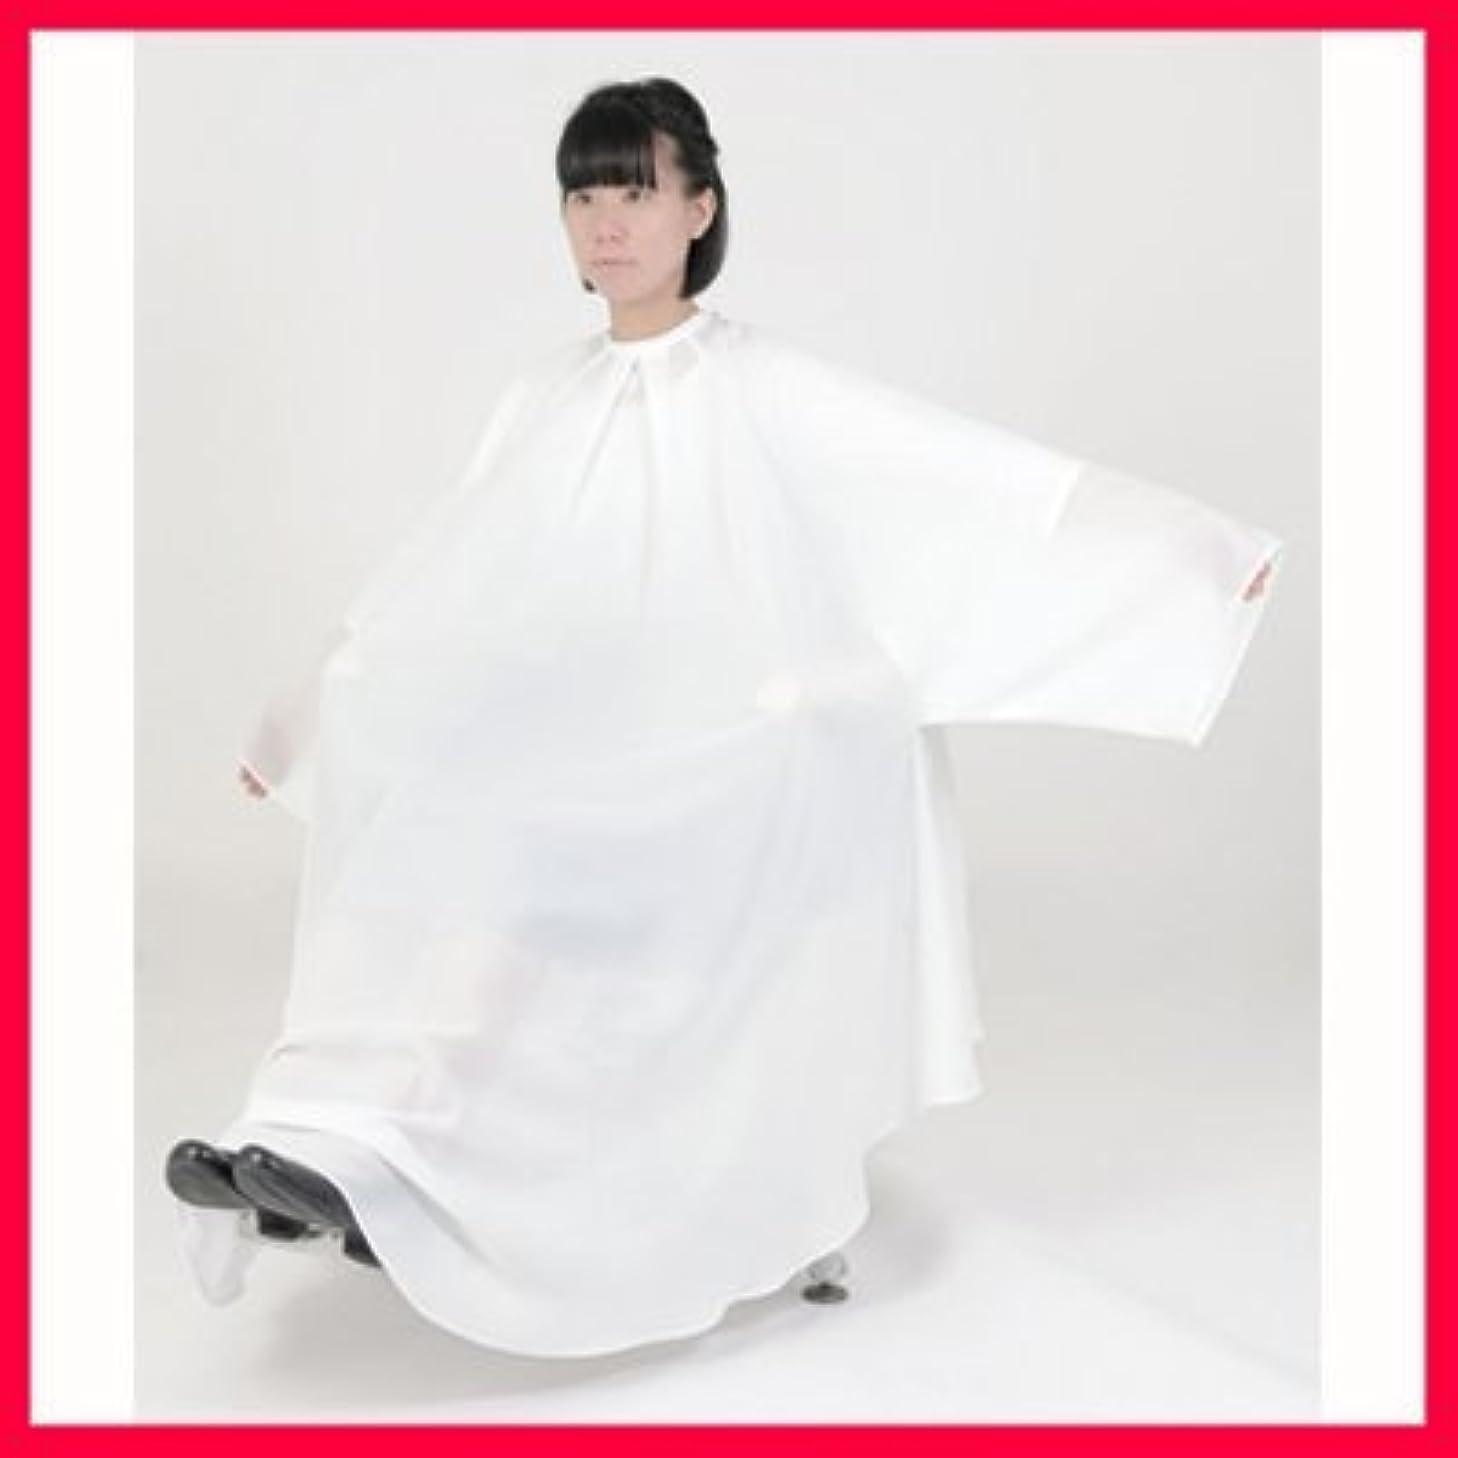 苦しめるうぬぼれた養うエクセル 8112 ビッグドレス(カット)ホワイト